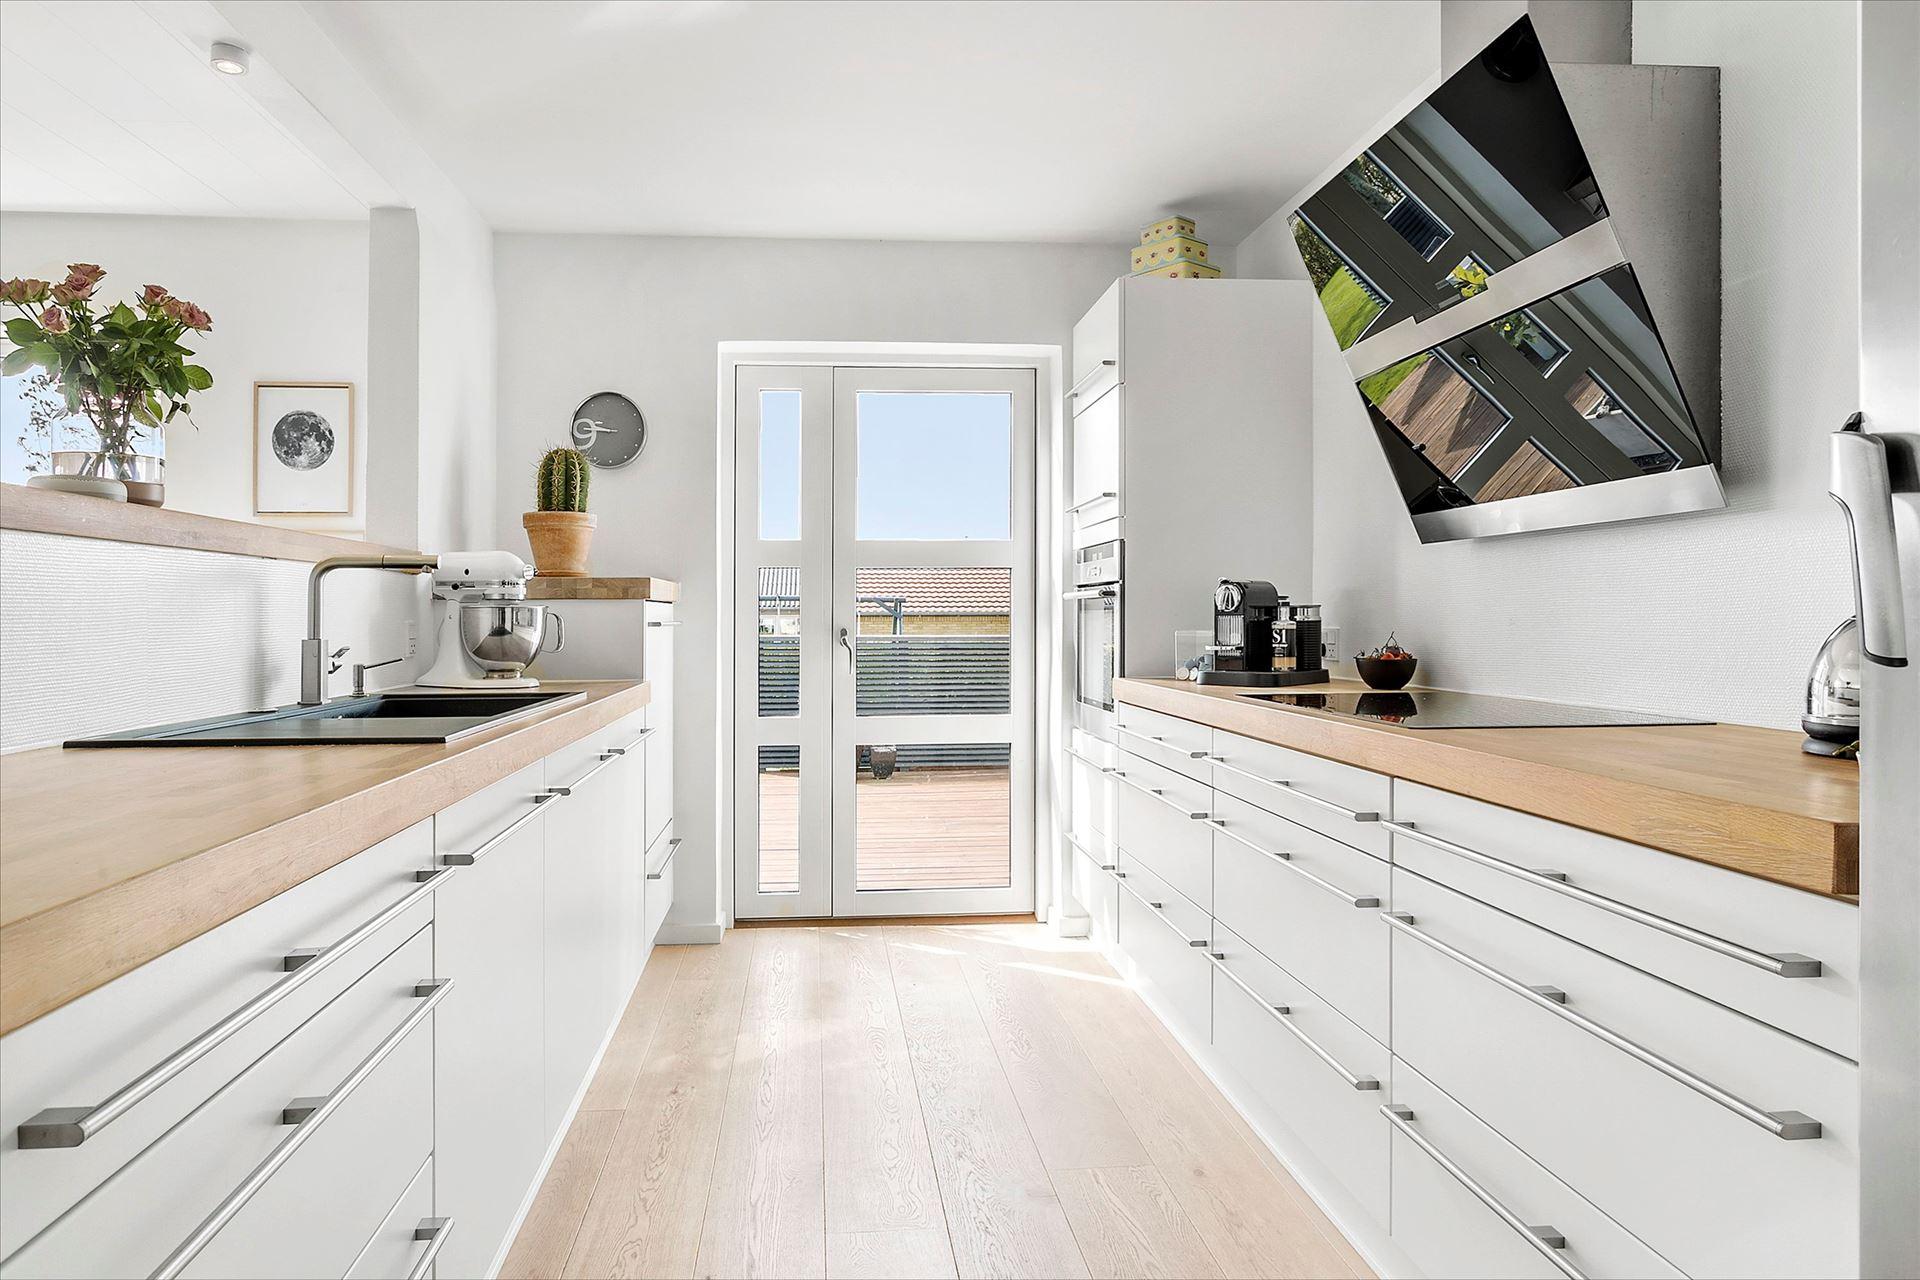 Cocina n rdica en paralelo blog tienda decoraci n estilo for Distribucion cocina en paralelo